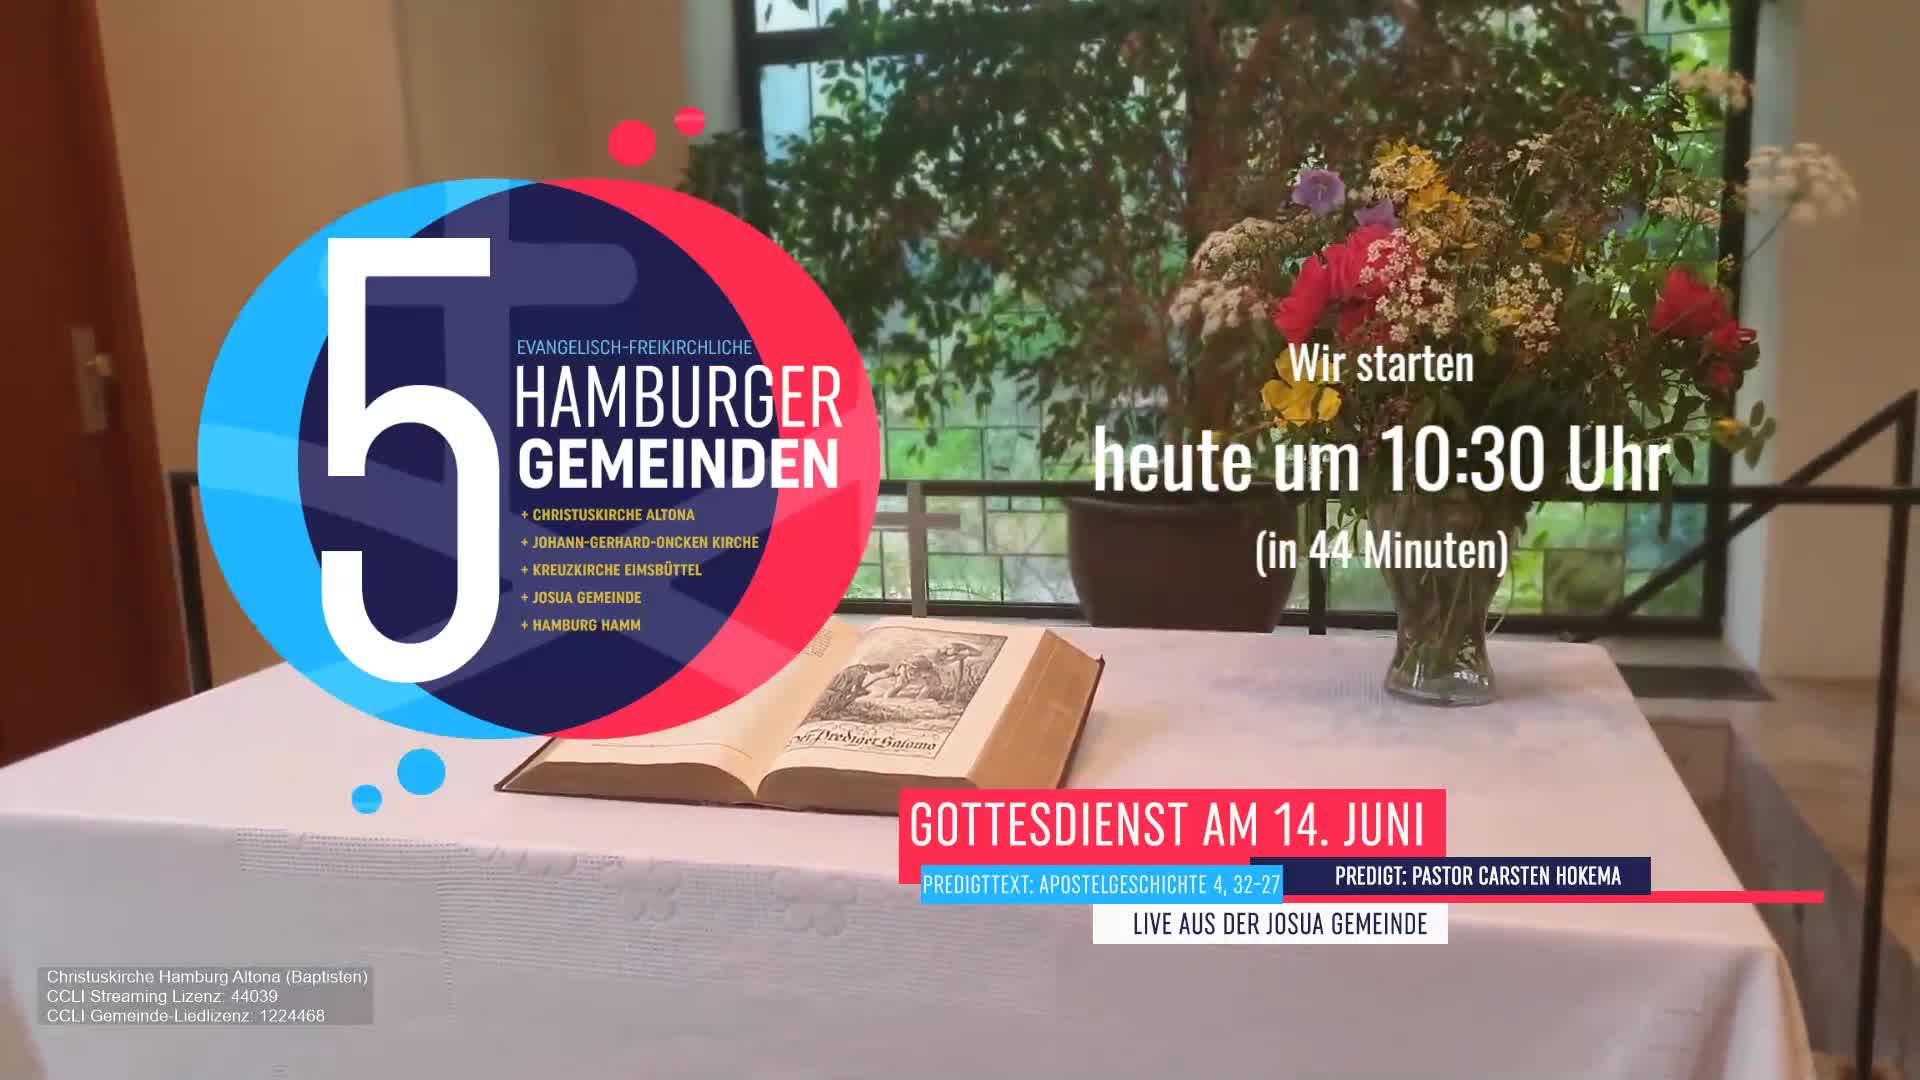 Gottesdienst (Aufzeichmung) der Innenstadtgemeinden (EFG) 14. Juni